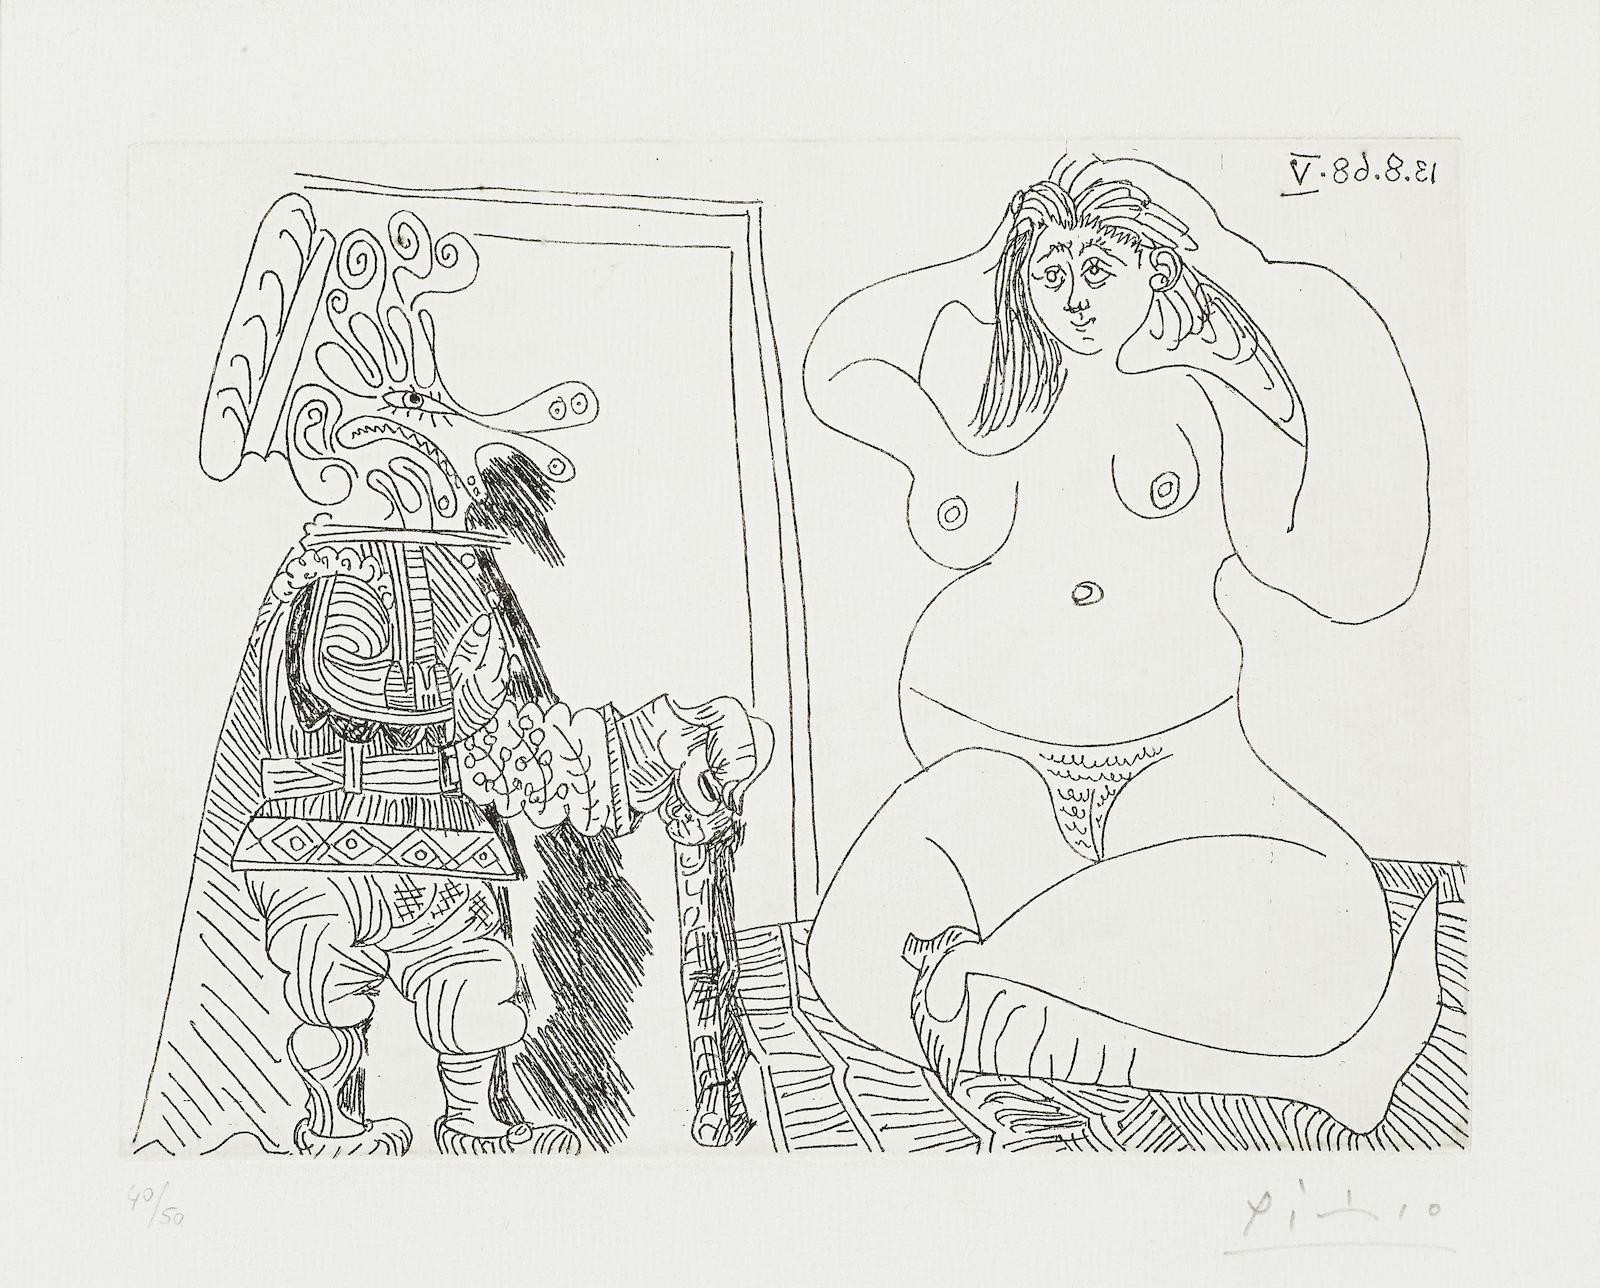 Pablo Picasso-Femme Nue Assise en tailleur et Grotesque la main sur le coeur, from La Serie 347 (Bloch 1757; Baer 1773.Bb1)-1968